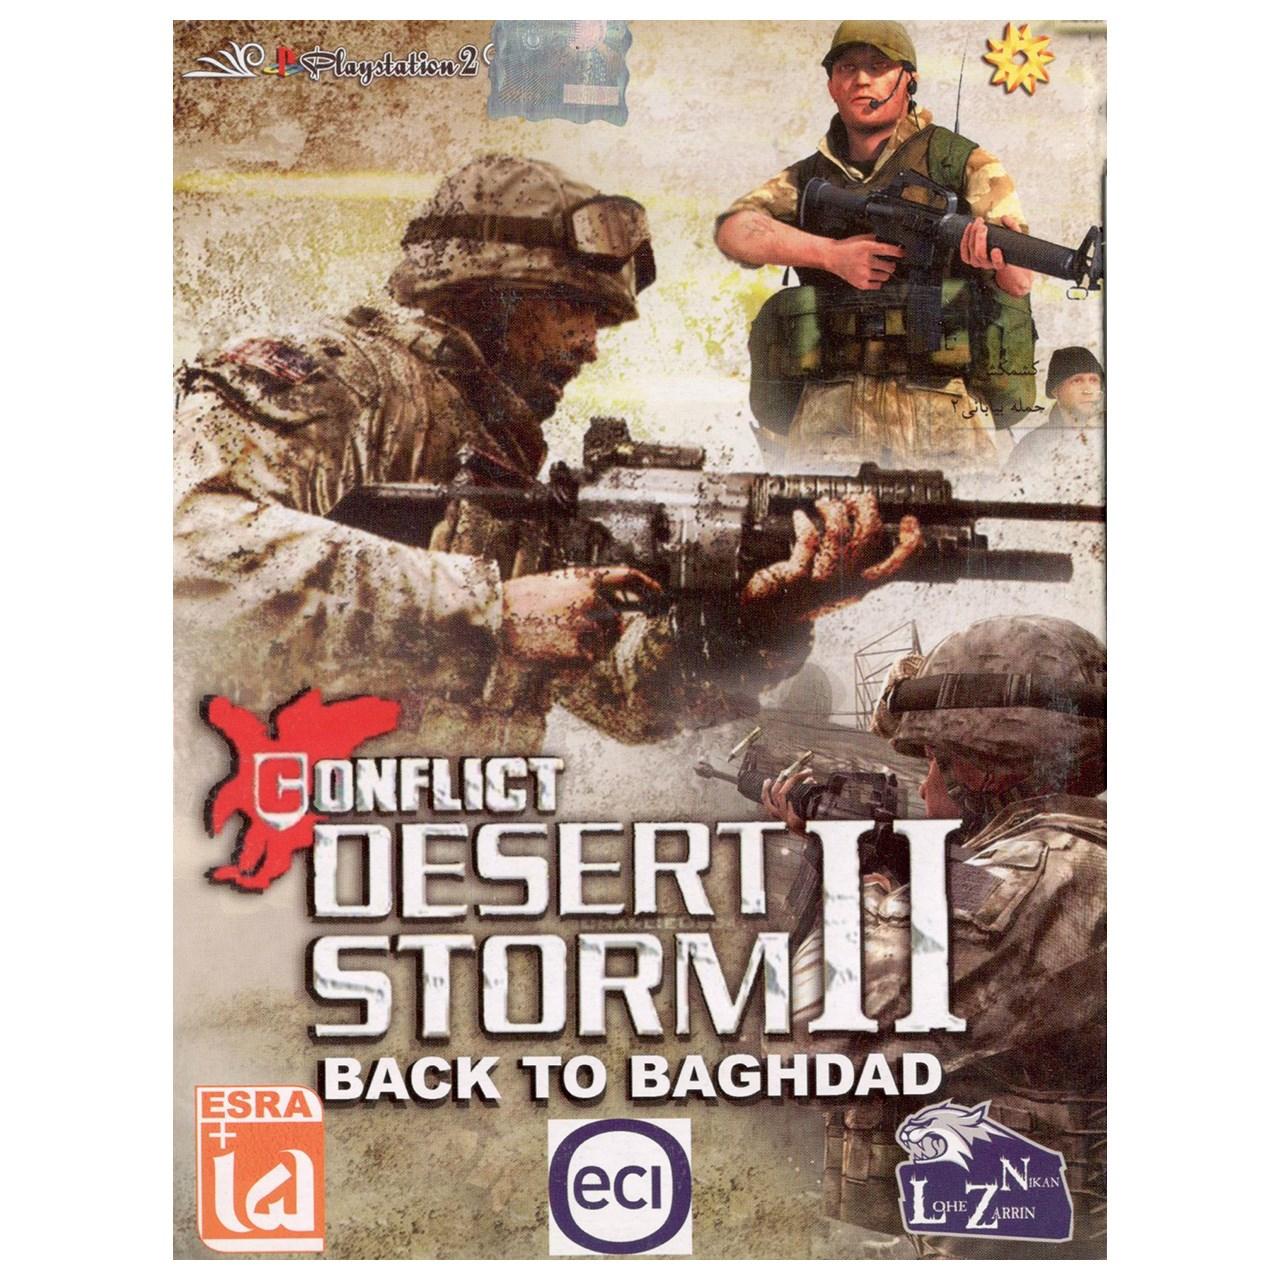 خرید اینترنتی بازی Desert Storm 2 مخصوص پلی استیشن 2 اورجینال